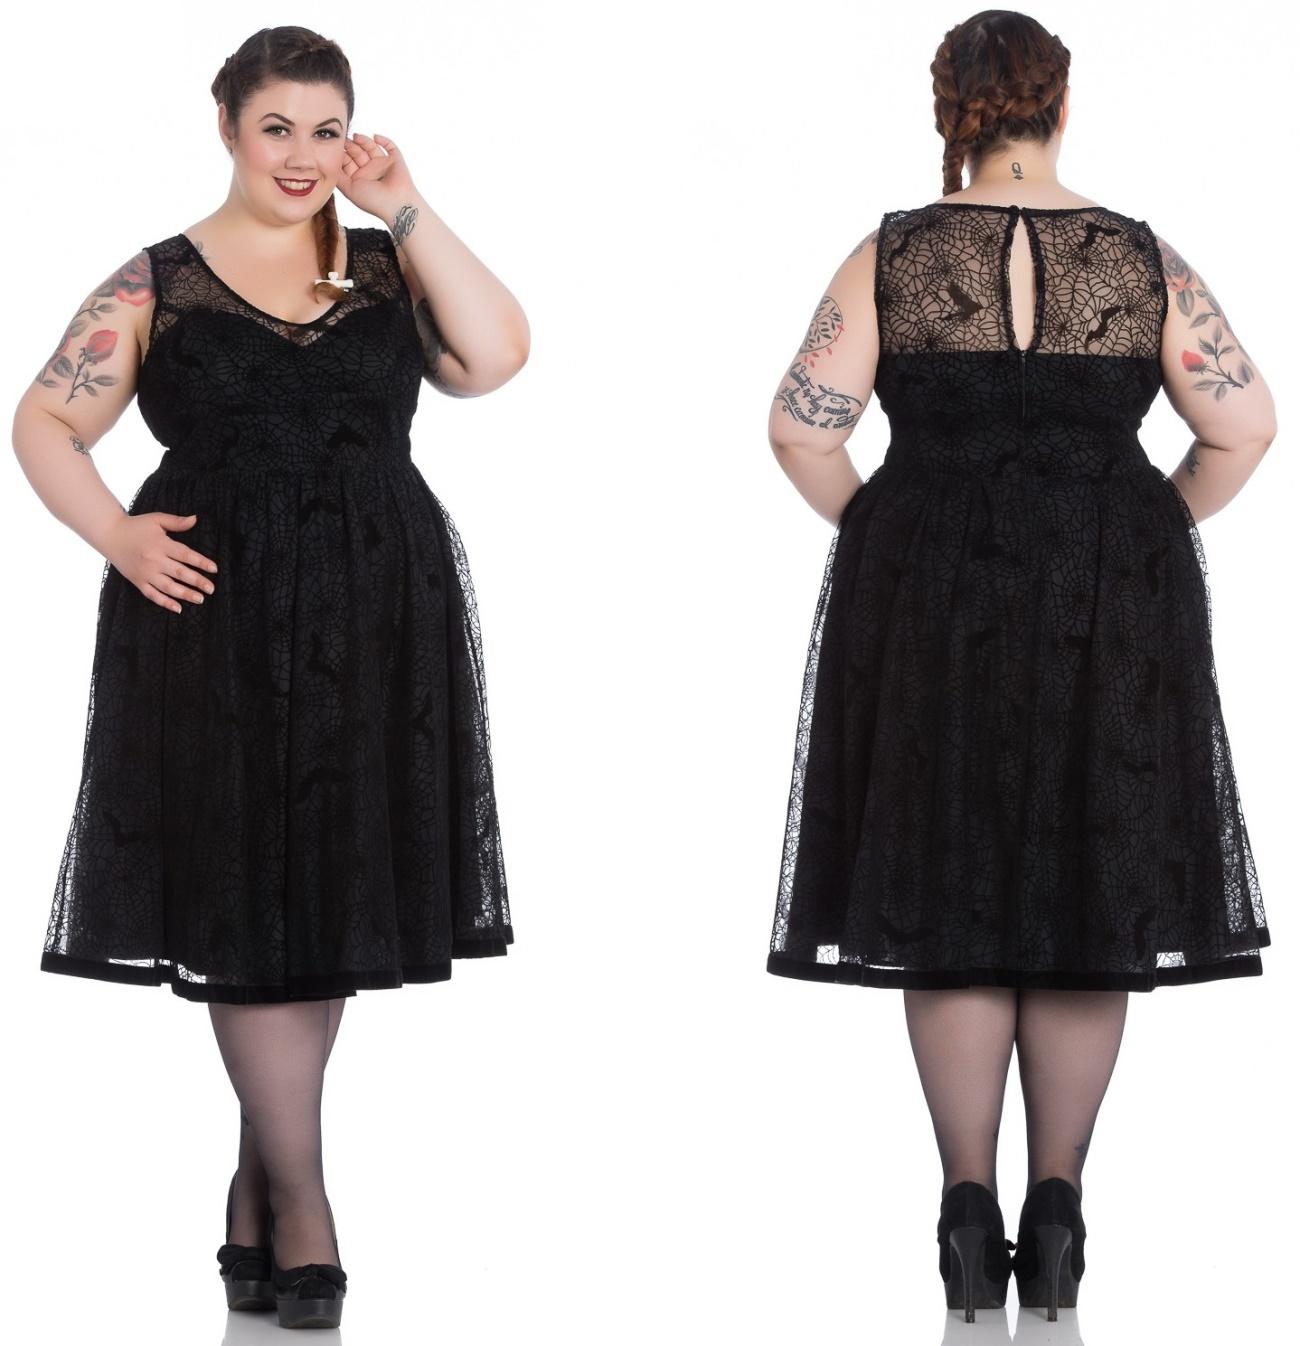 Kleidung in XXL - Spin Doctor - Gothic Shop und Versand ...